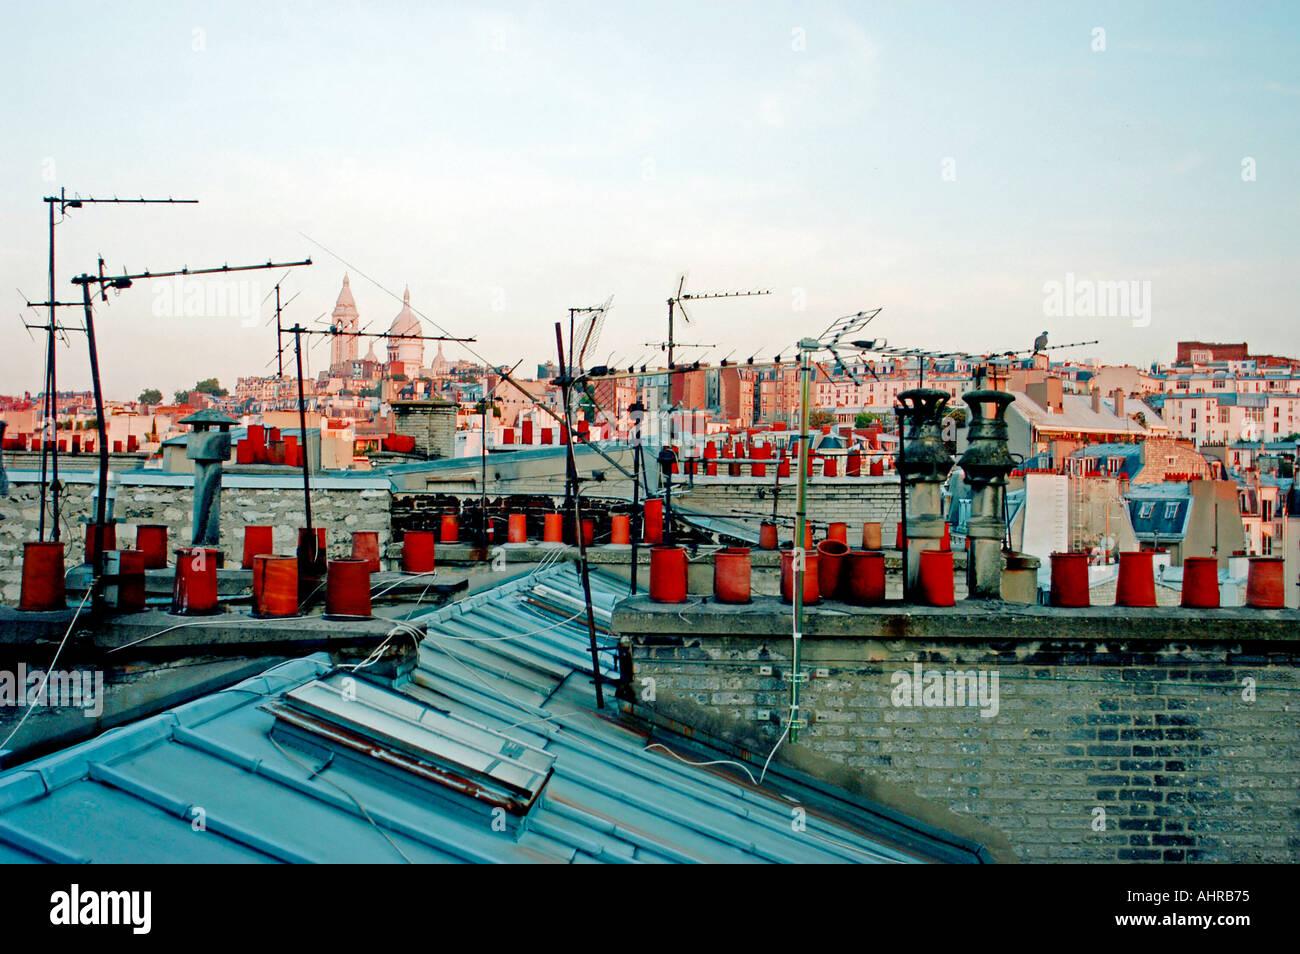 PARIS Frankreich, Überblick über die Stadt, Skyline, Stadtansicht Blick auf 'Sacre Coeur Kirche' mit Paris Dächer TV-Antennen Stockbild